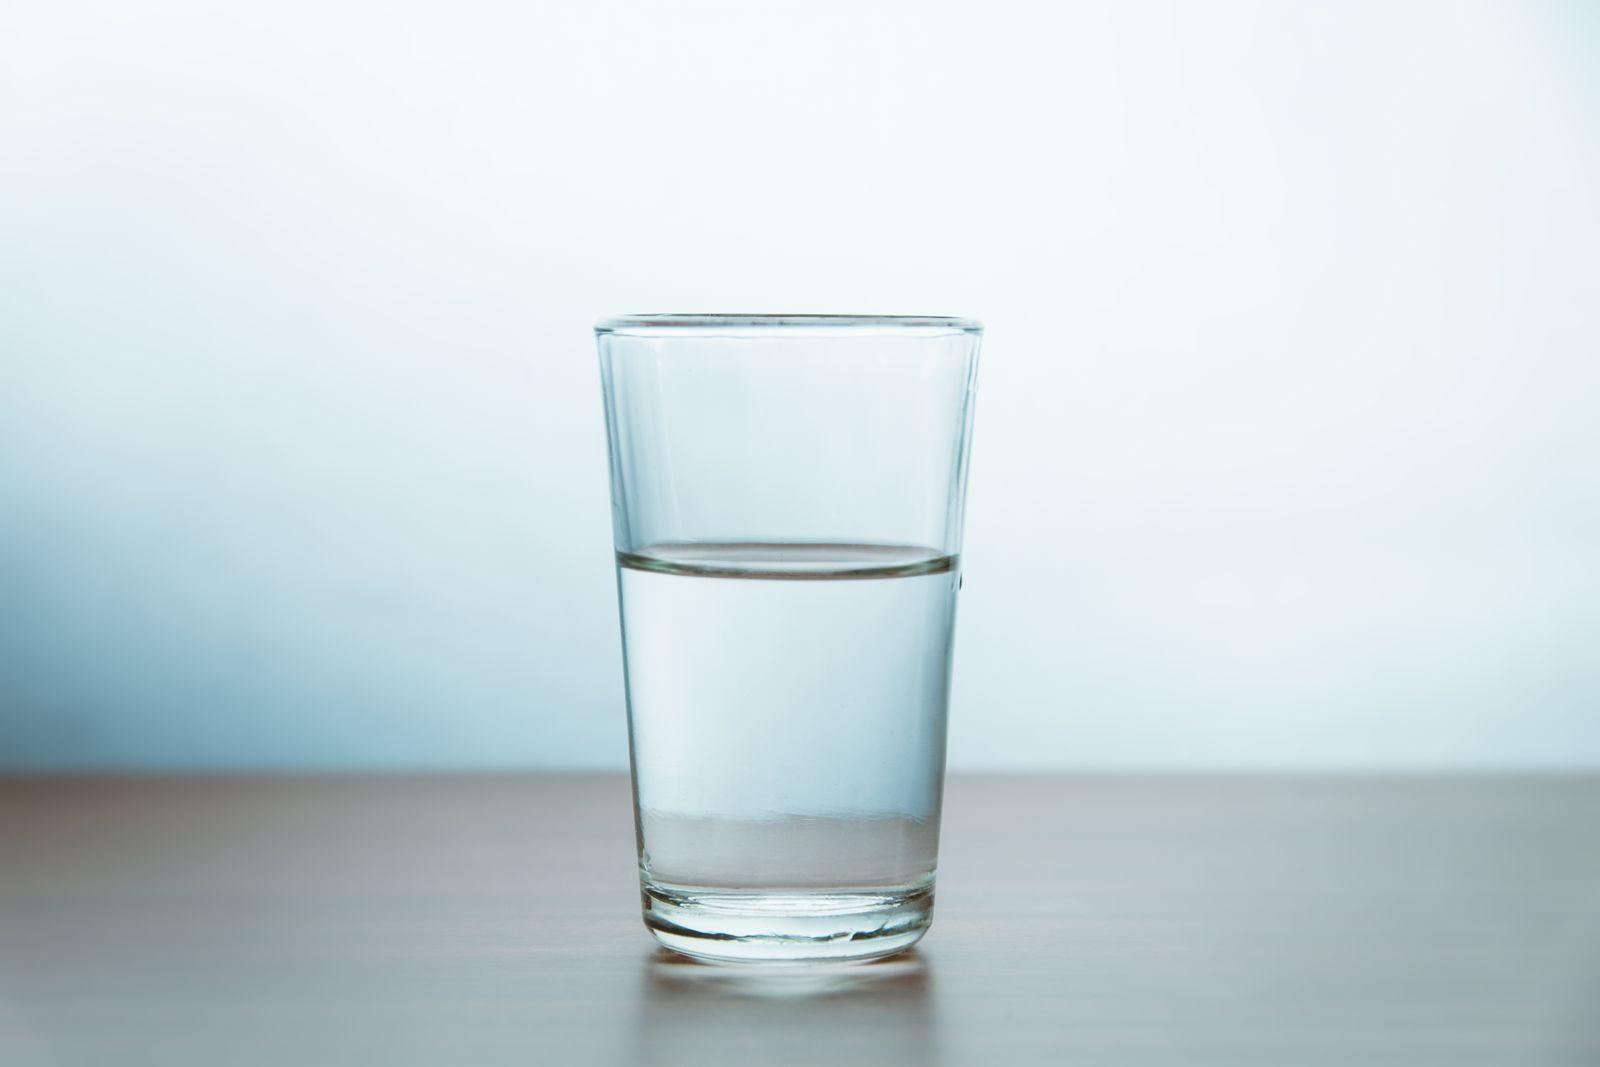 EINMALIGE VERWENDUNG Stiftung Warentest / stilles Wasser